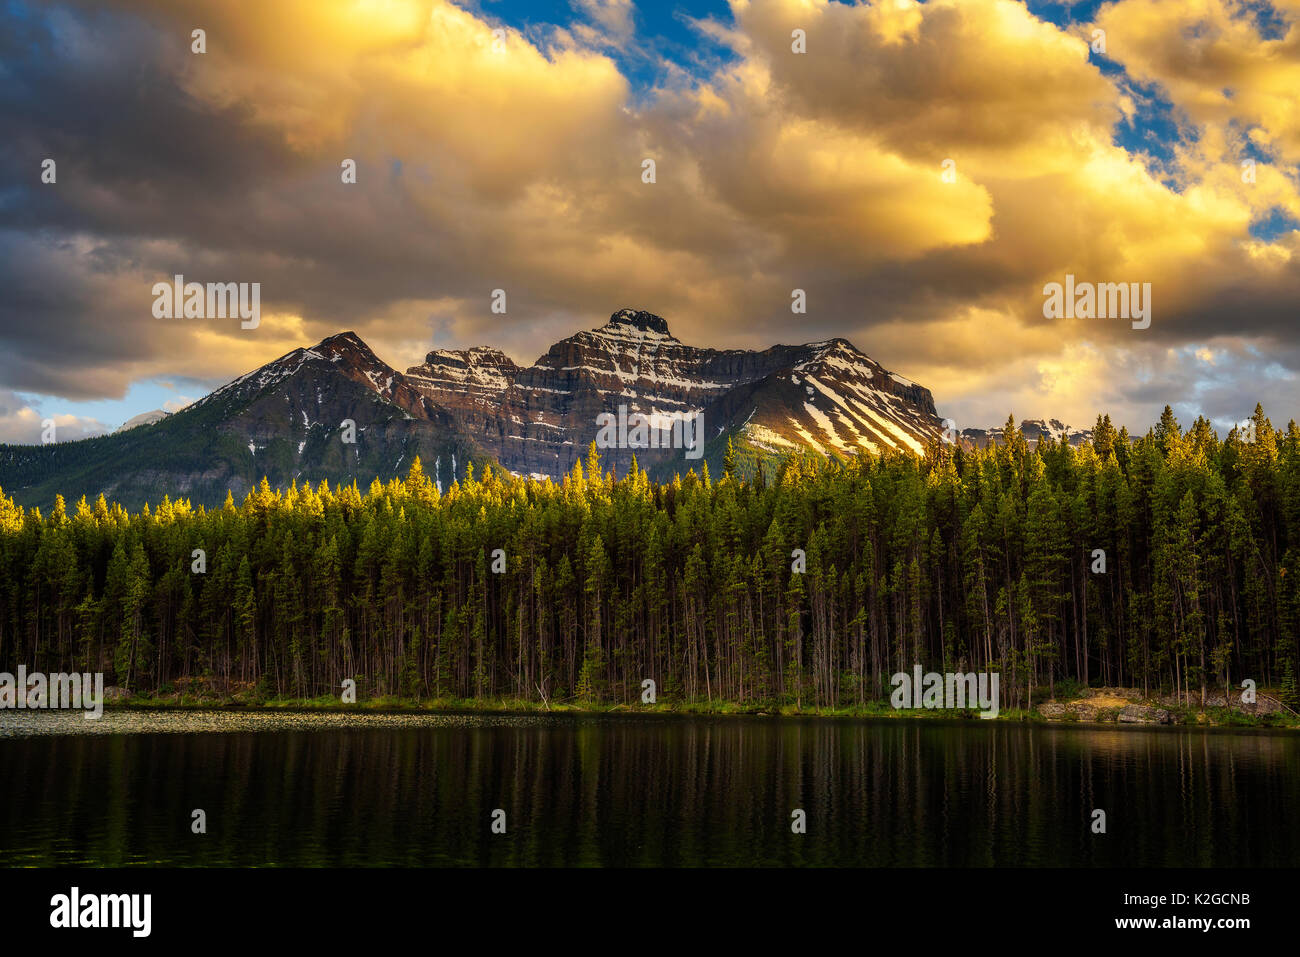 Scenic atardecer en selva profunda a lo largo de la Herbert Lake en el Parque Nacional Banff, con picos nevados de las Montañas Rocosas canadienses en el fondo. Imagen De Stock